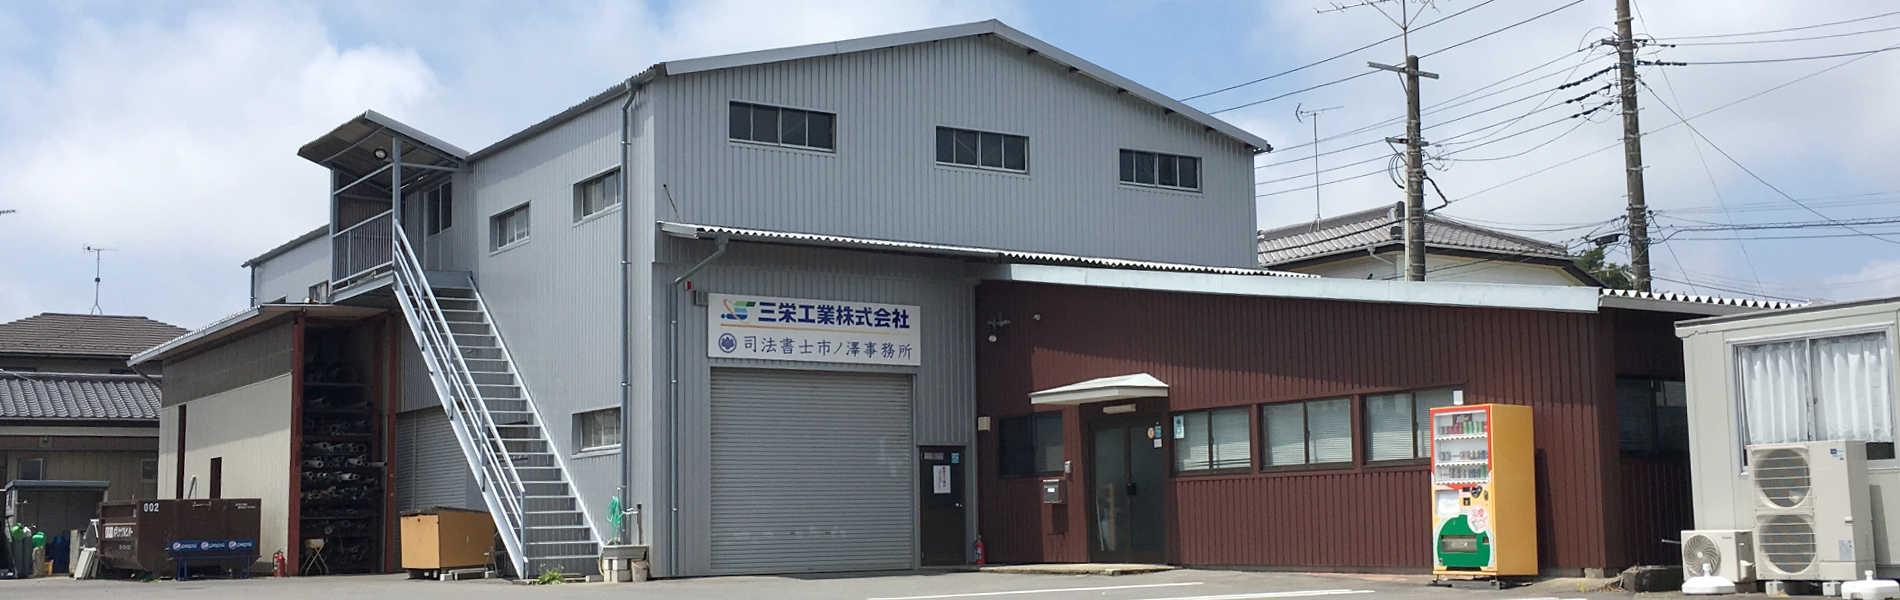 三栄工業株式会社(茨城県石岡市)